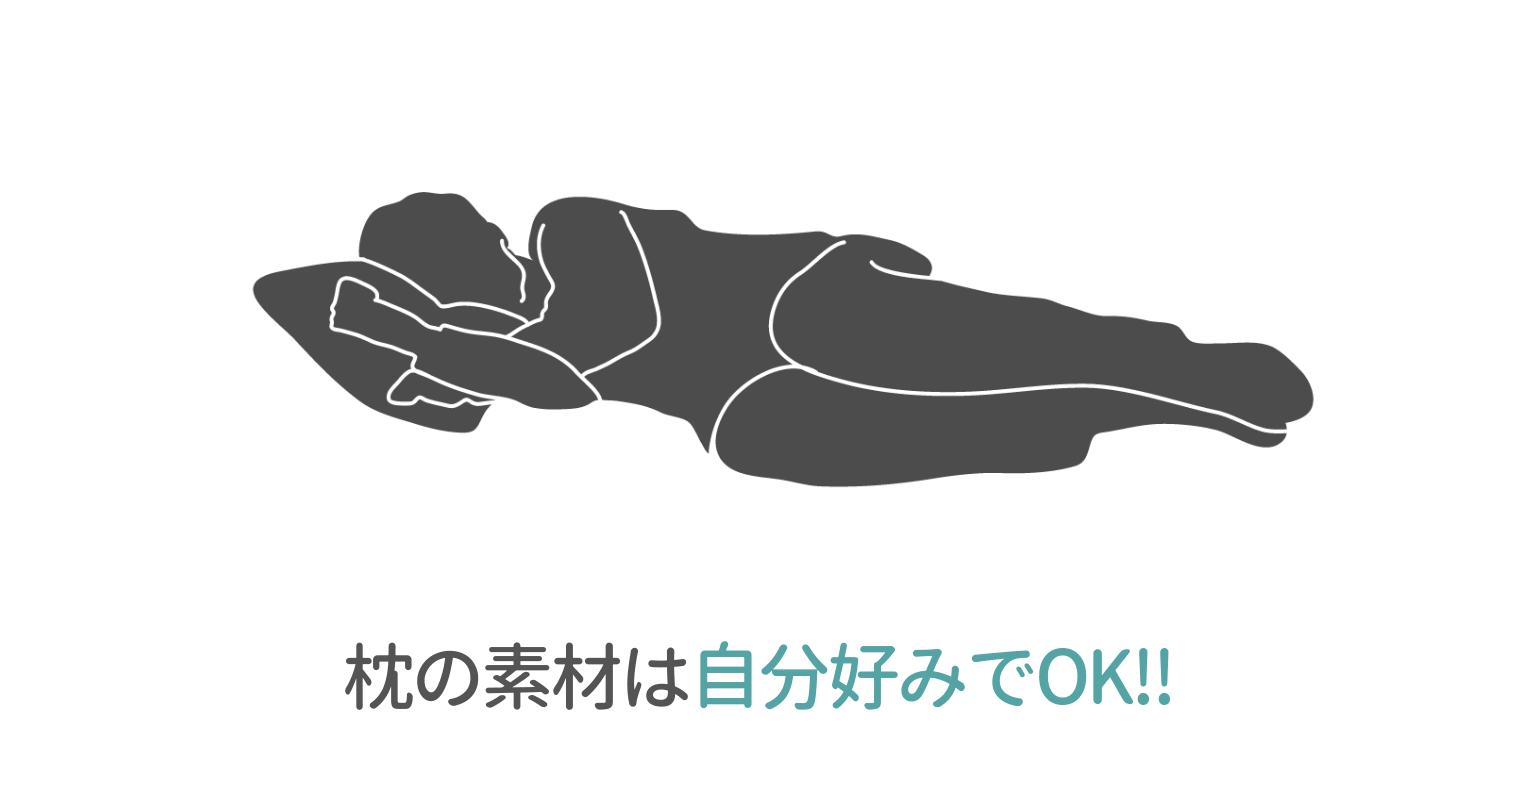 自分好みの枕の素材